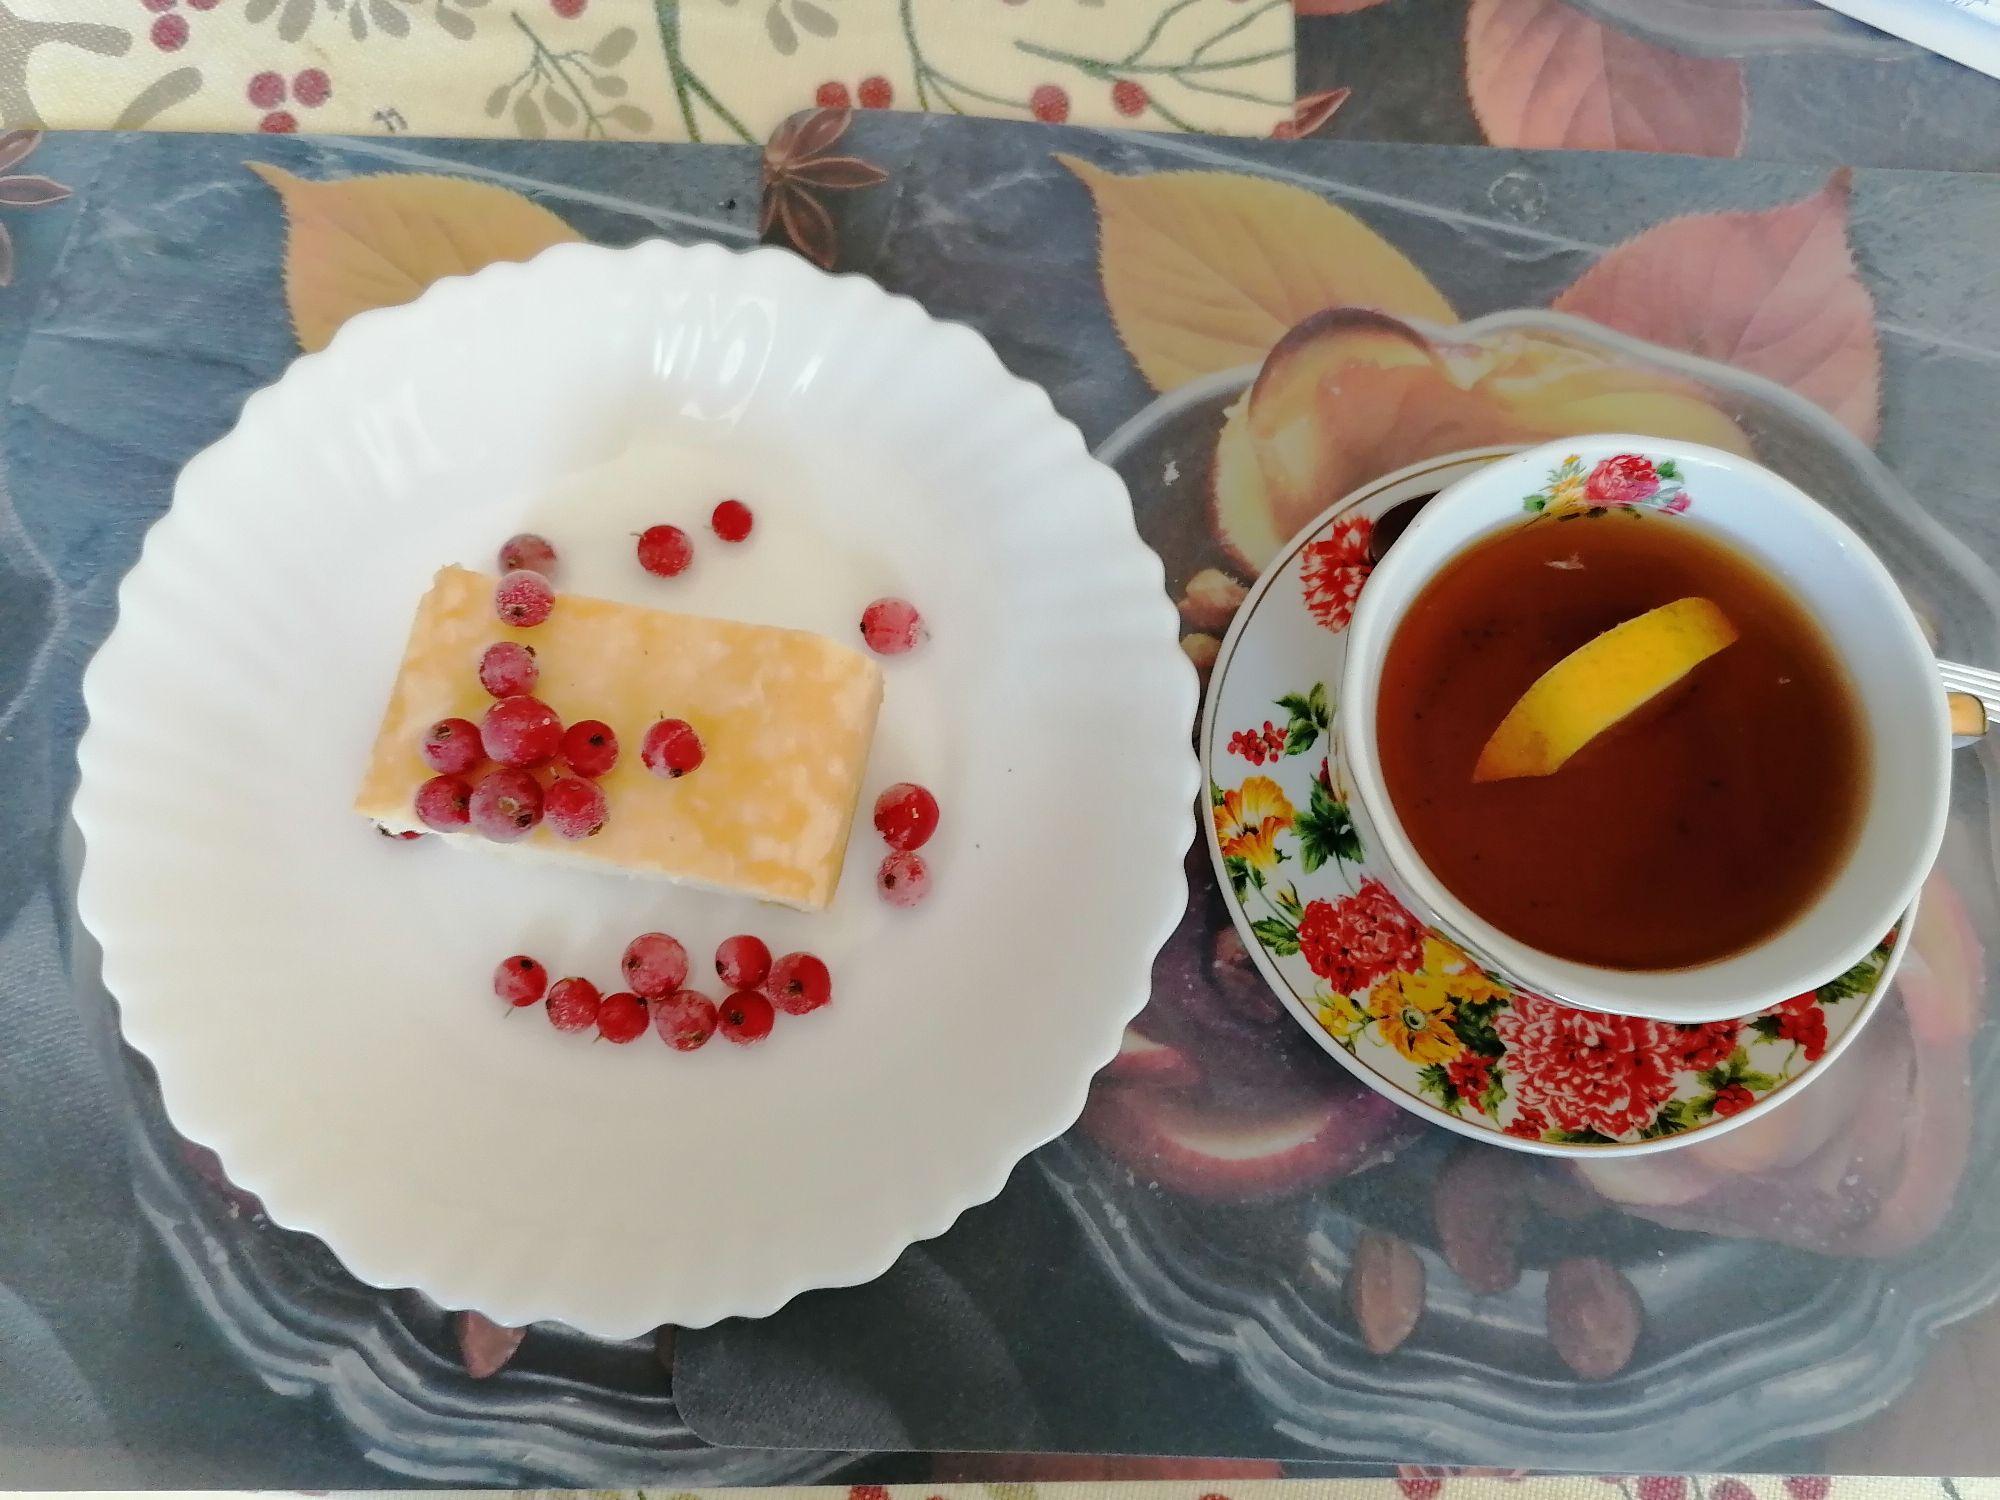 Творожная запеканка с красной смородиной и чай с лимоном